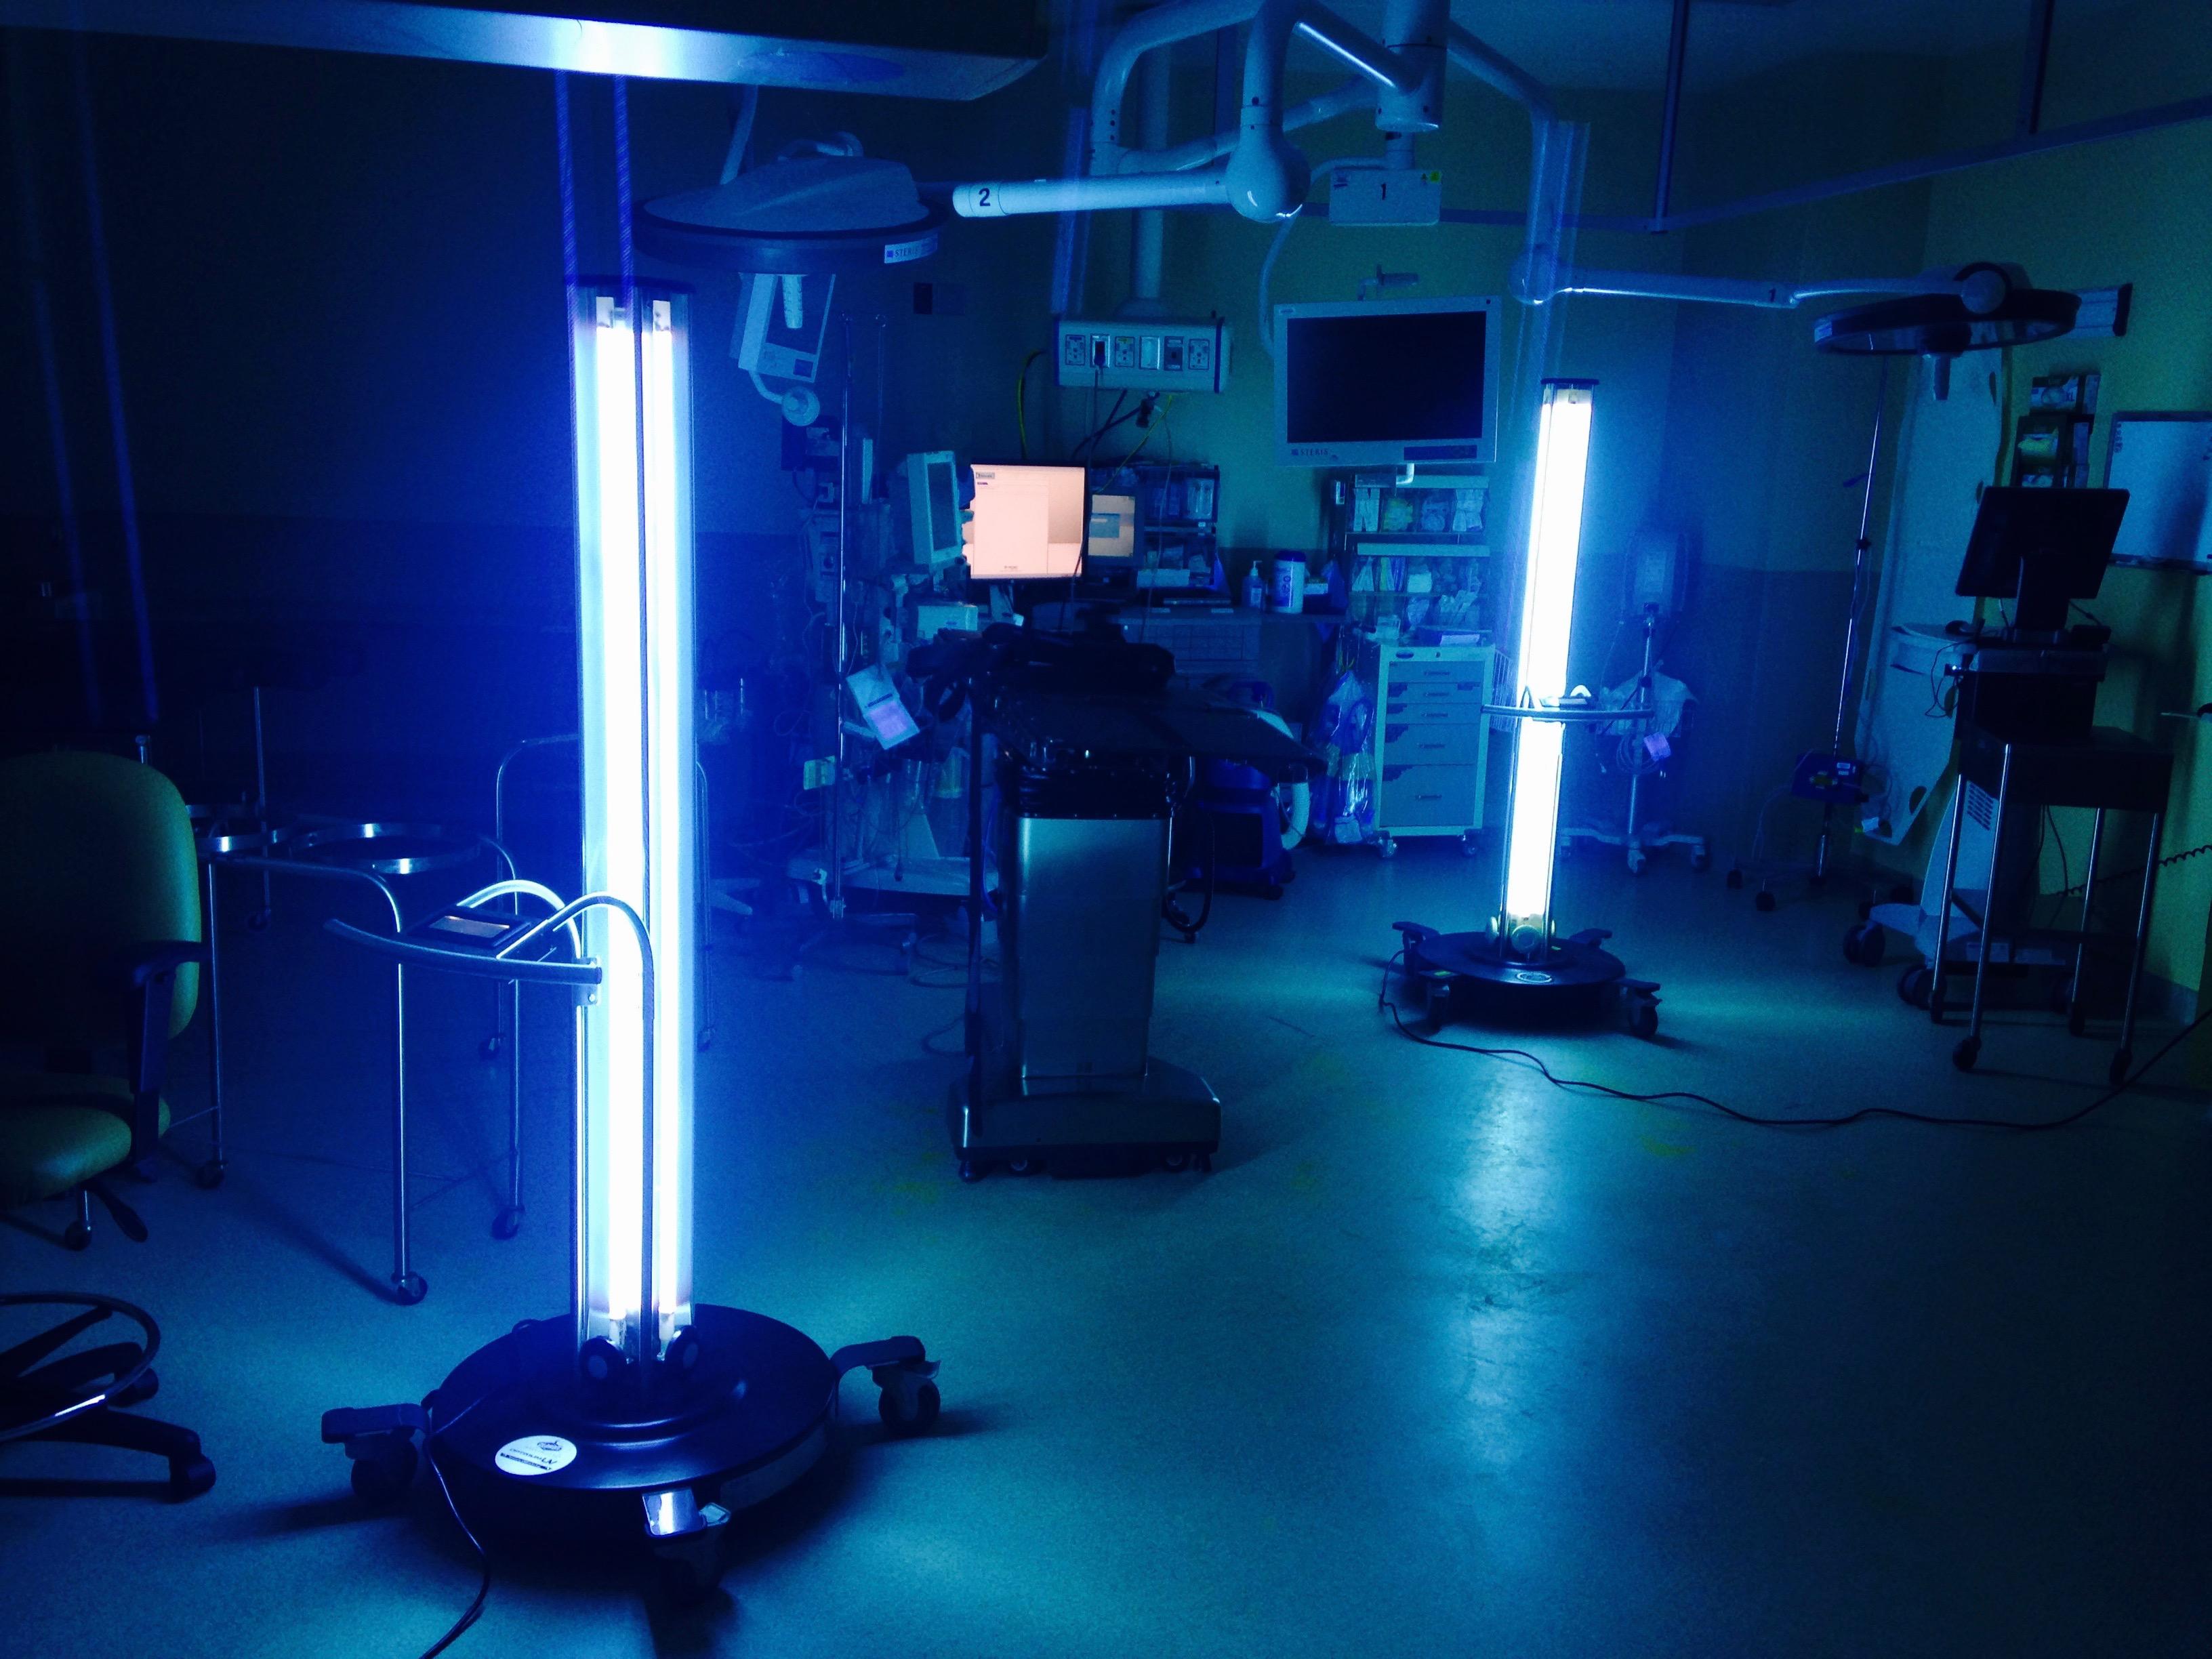 UV-C light in hospital room